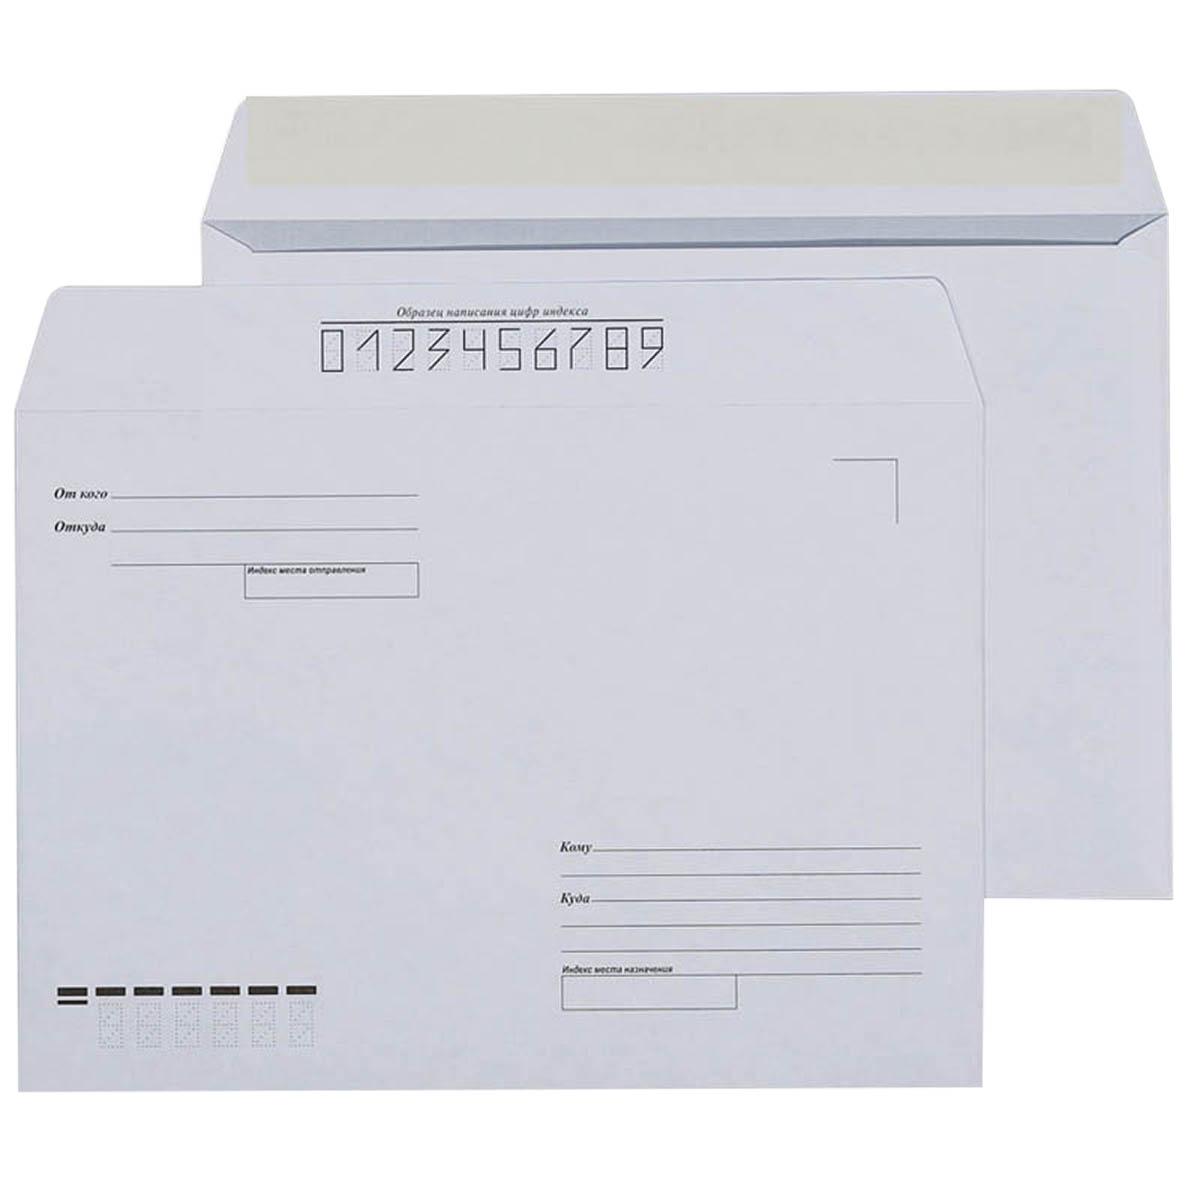 Конверт C5 с подсказом 200 шт